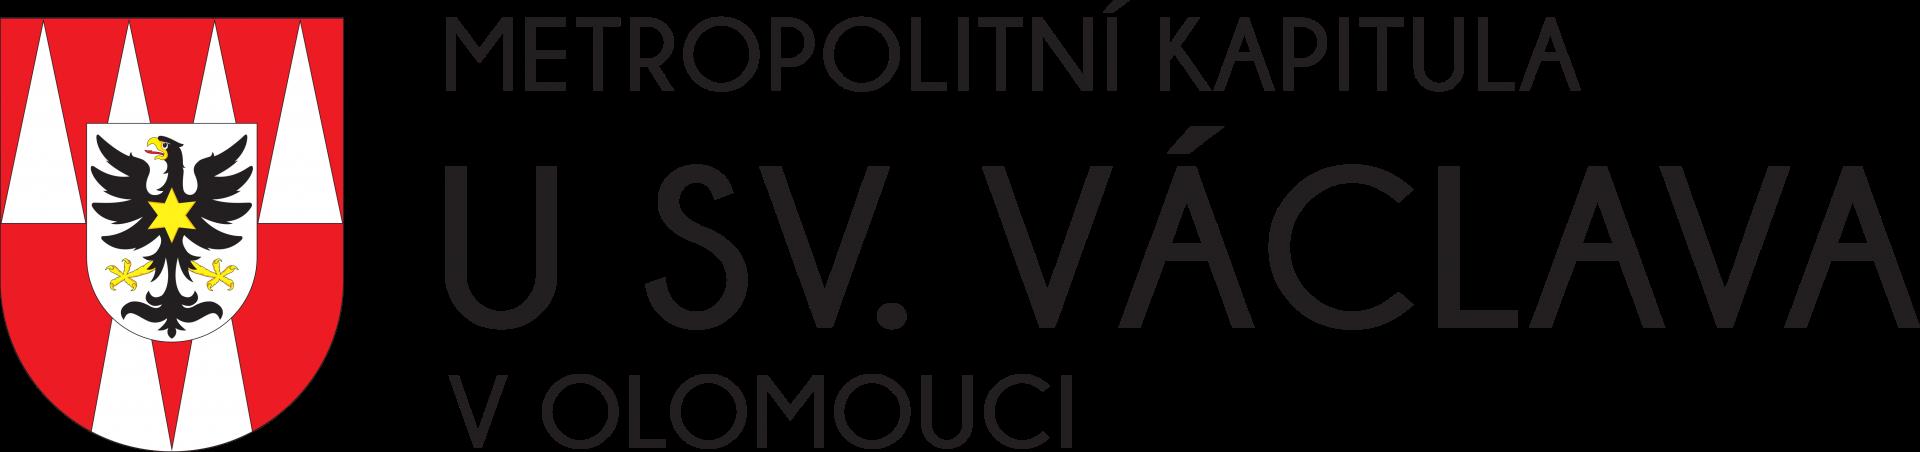 Metropolitní kapitula u svatého Václava v Olomouci